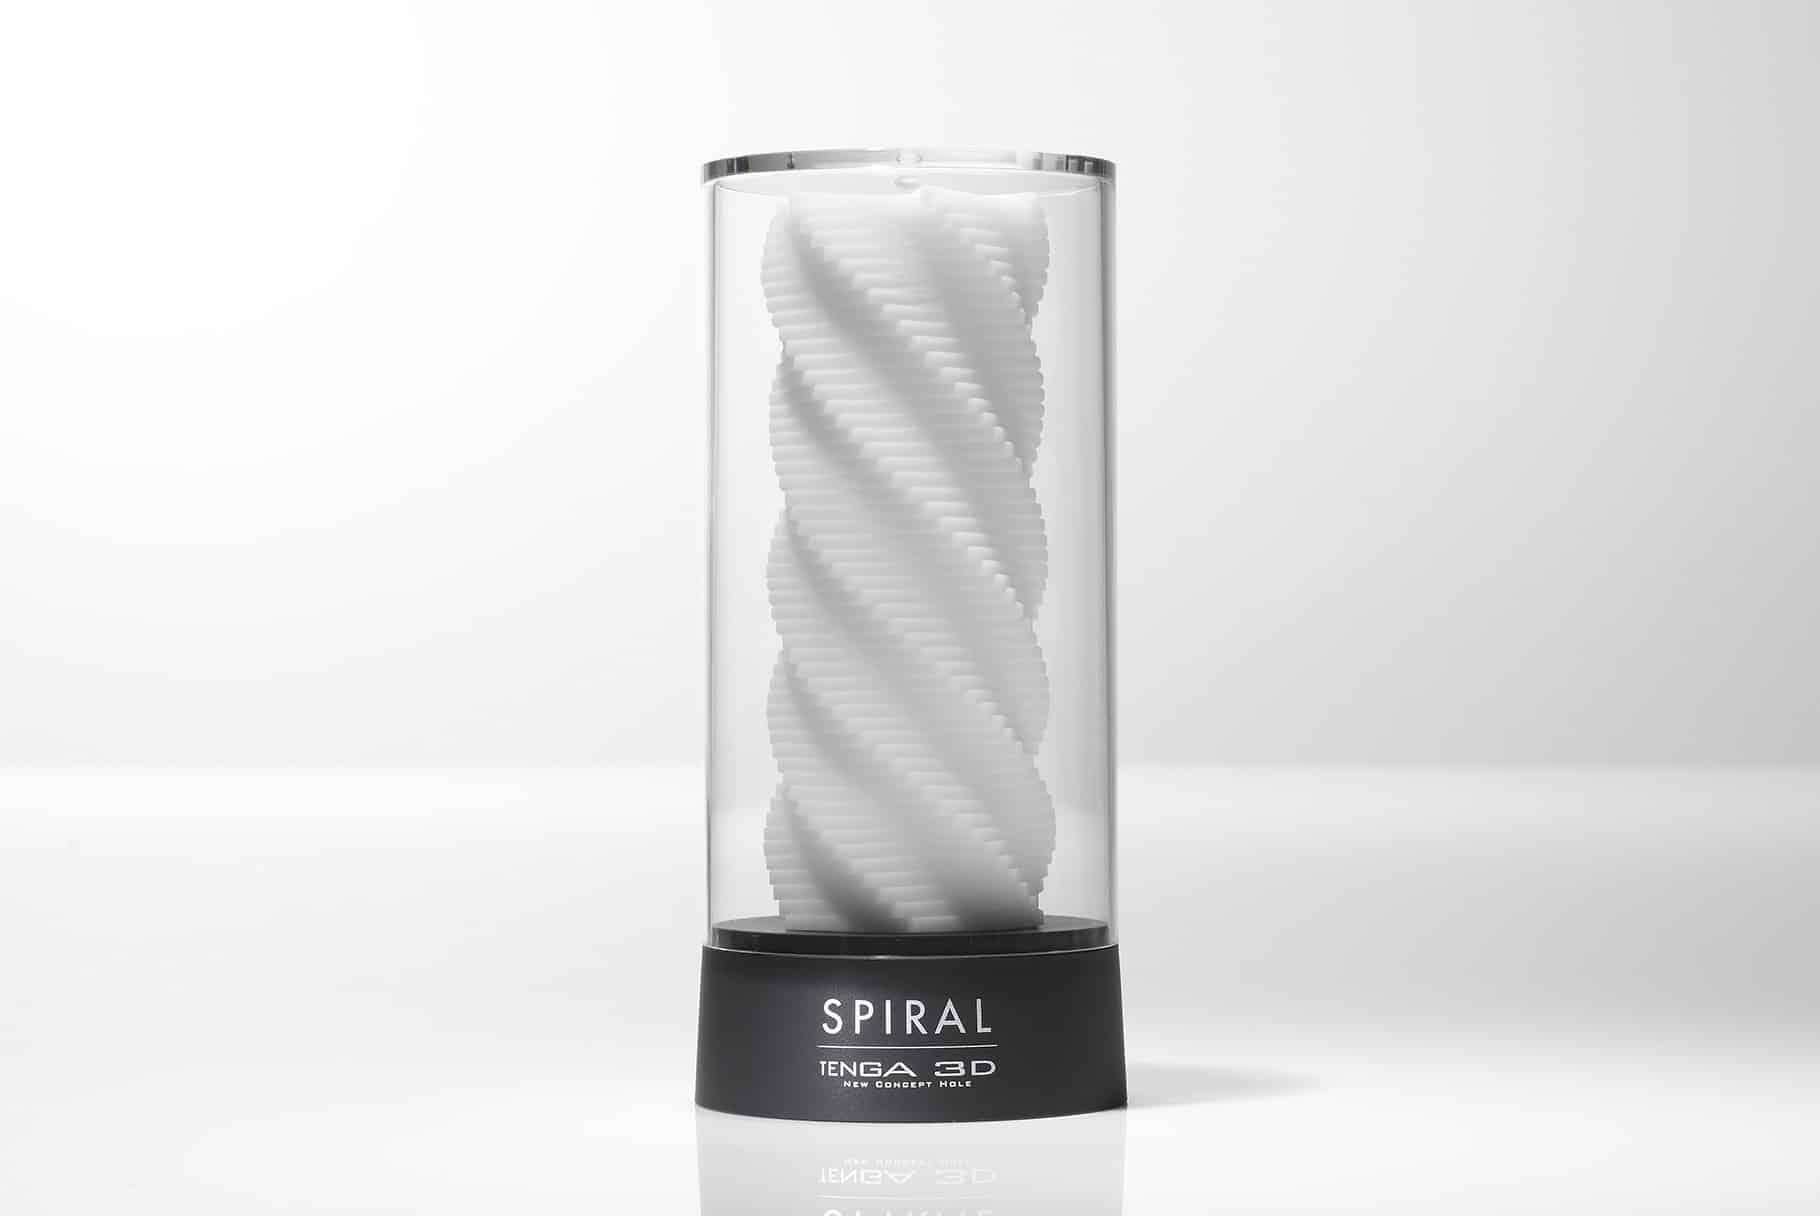 Tenga 3D Spiral masturbator jak minimalistyczne dzieło sztuki | Recenzja